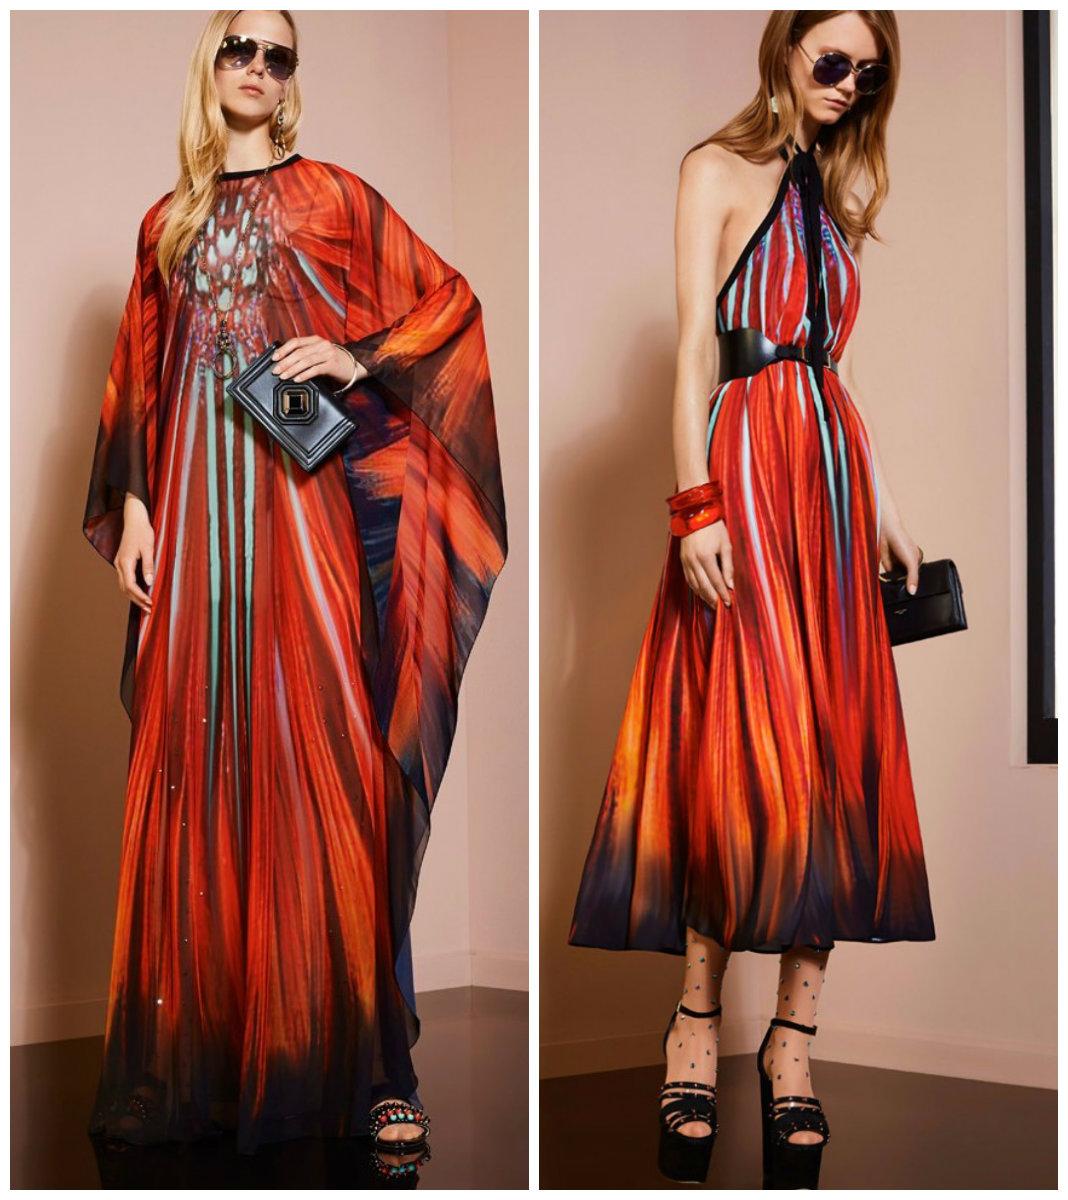 Новинки-вечерних-платьев-2018-стильные-Необычные-фото-новинки вечерних платьев 2018